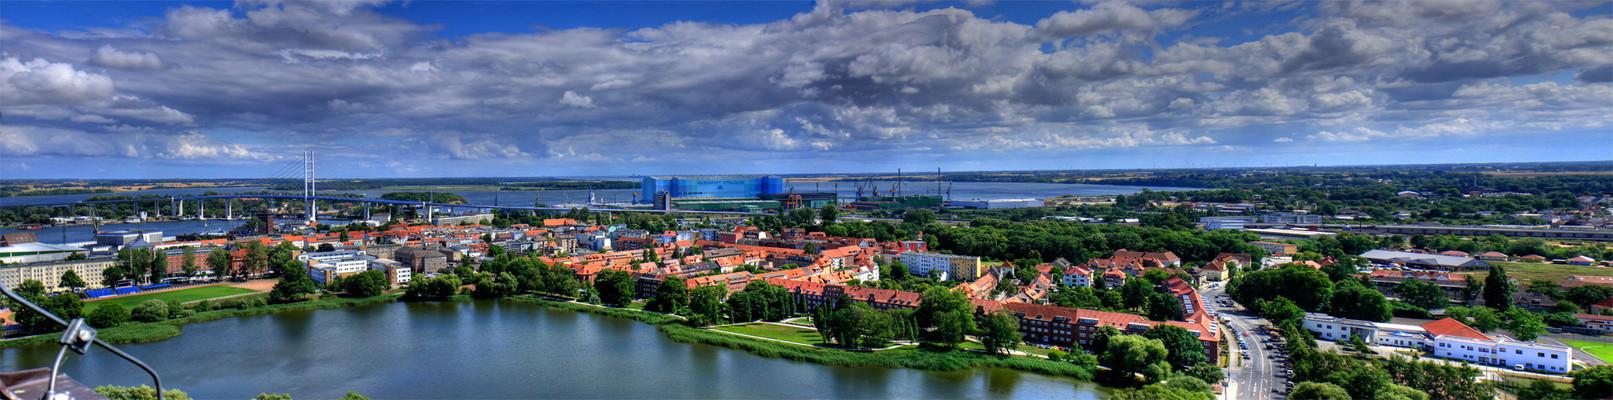 Stralsund #01